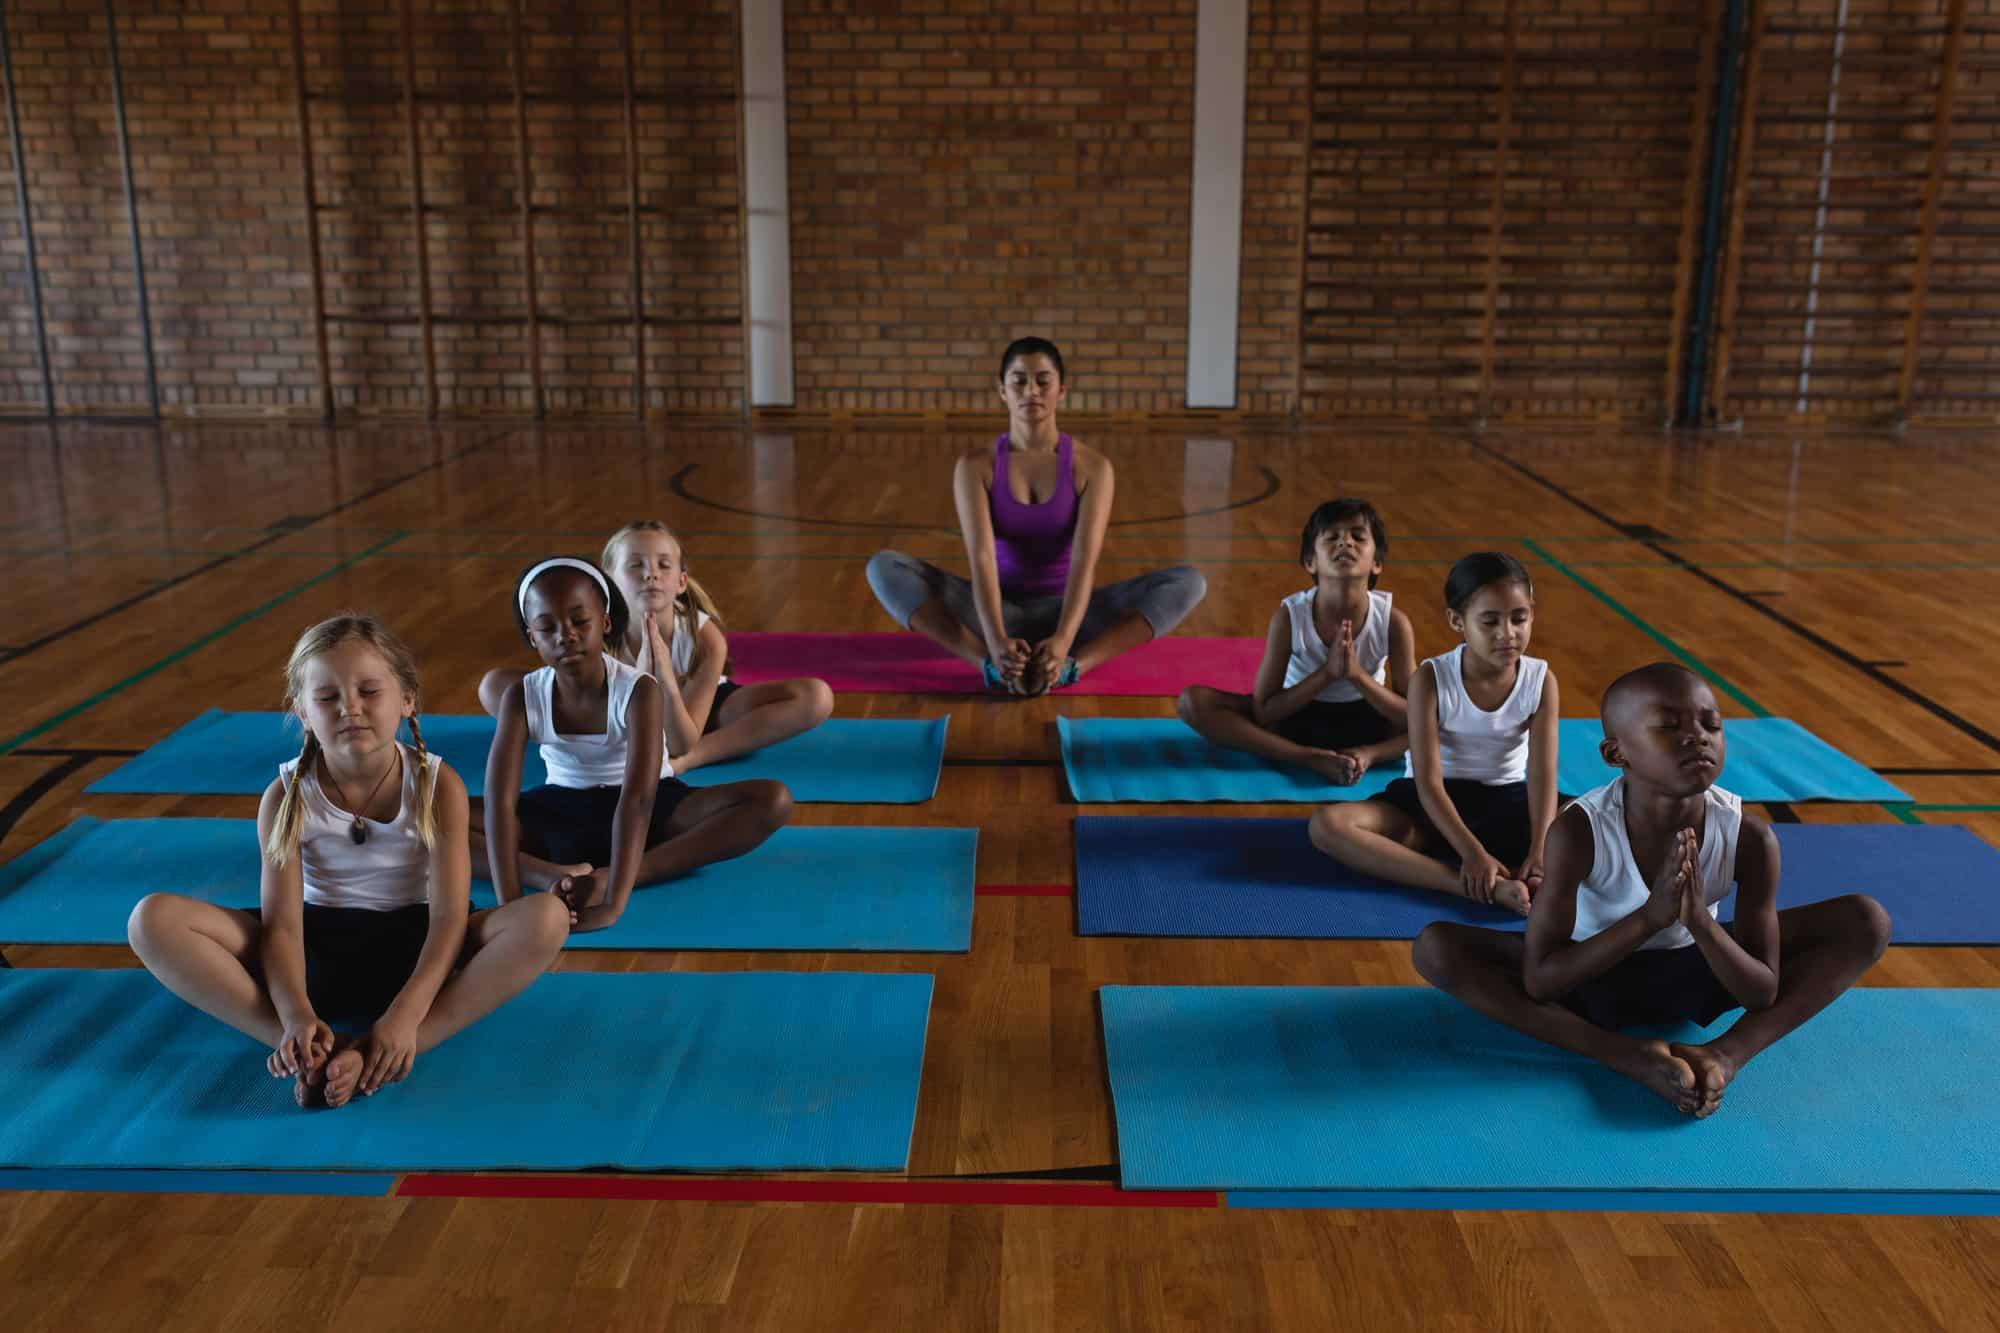 Children sitting on yoga mats meditating